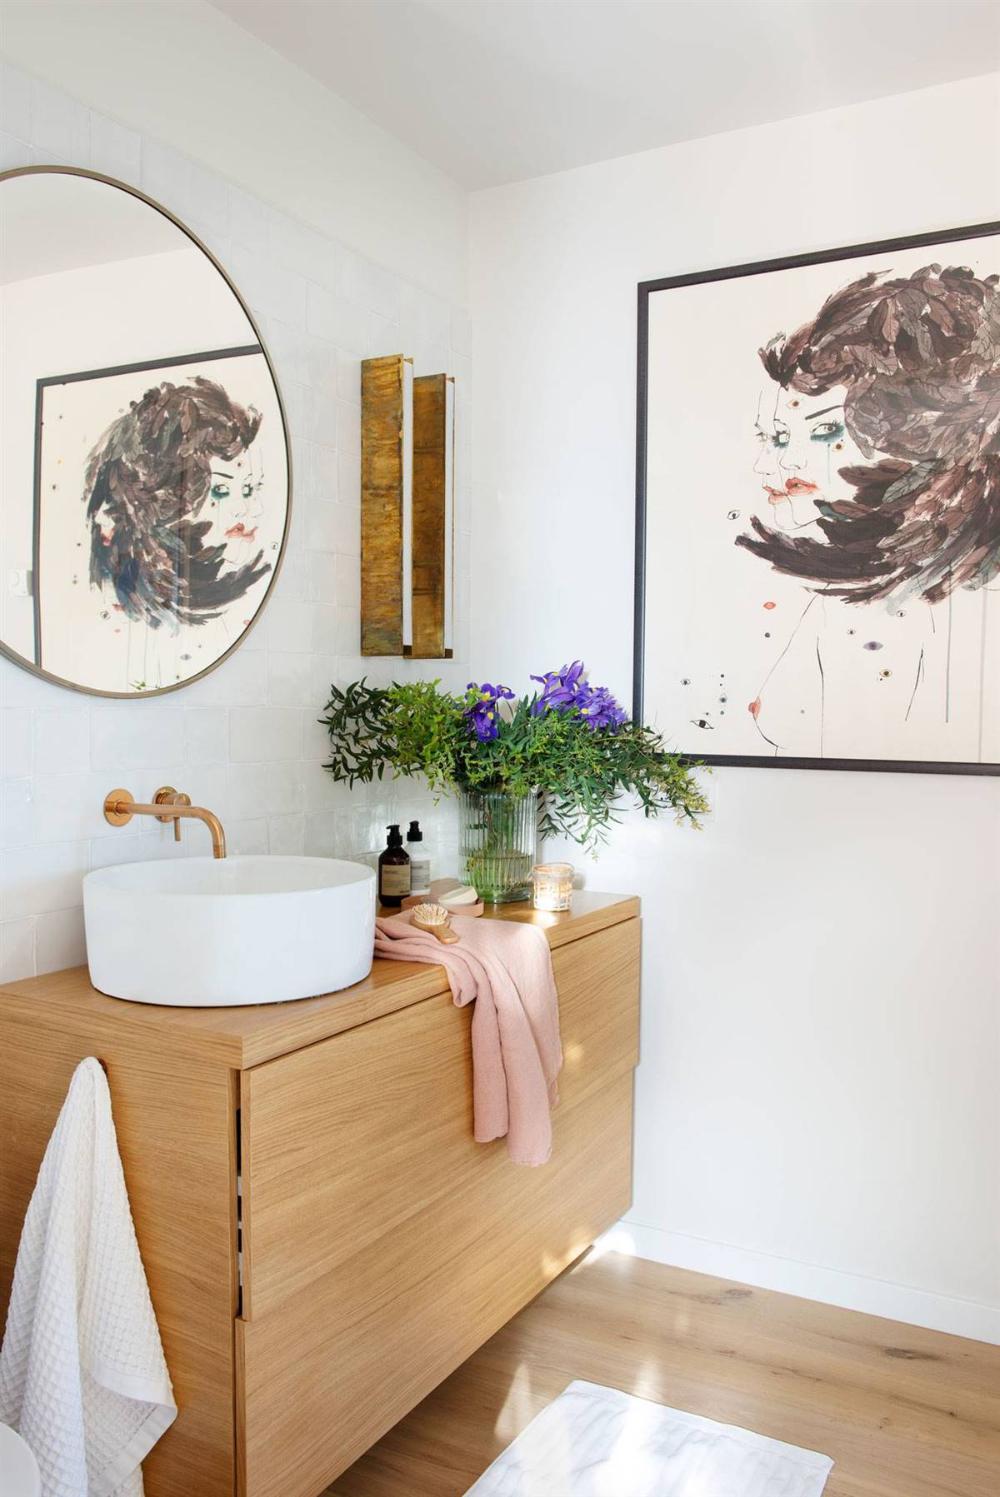 Maxi cuadro en 2020 | Muebles de baño, Muebles de lavabo ...